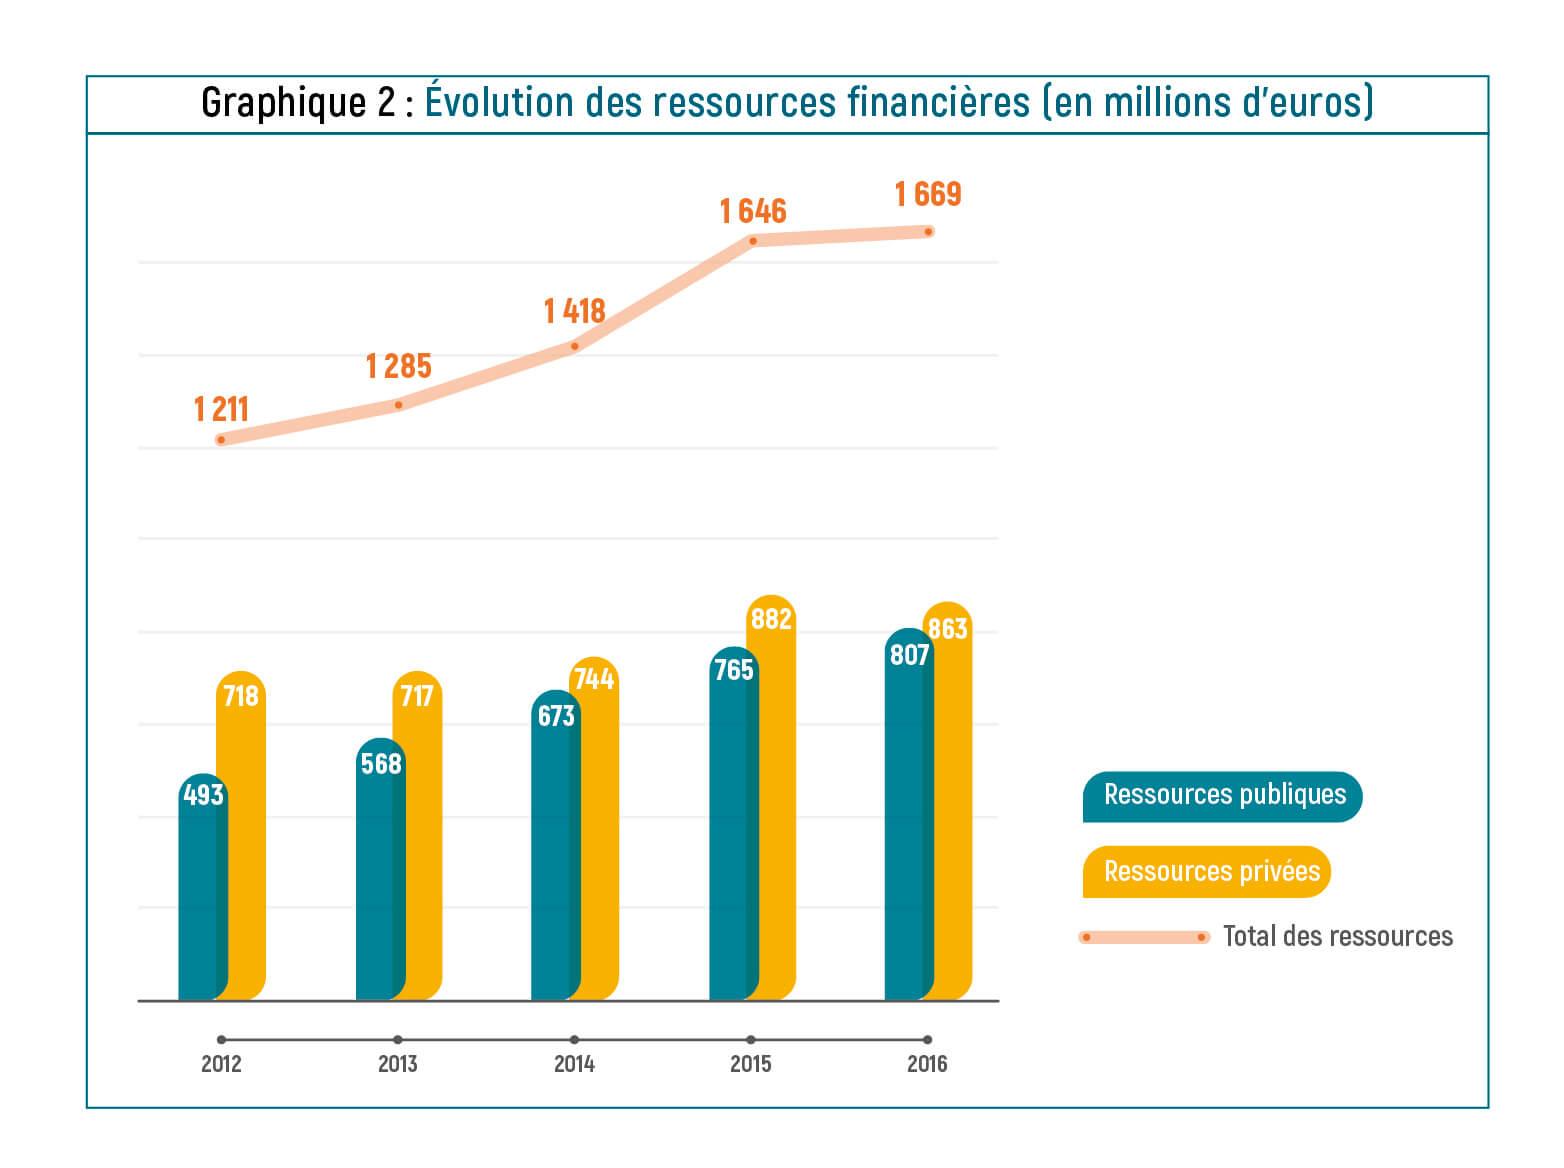 Evolutions des ressources financières 2012-2016